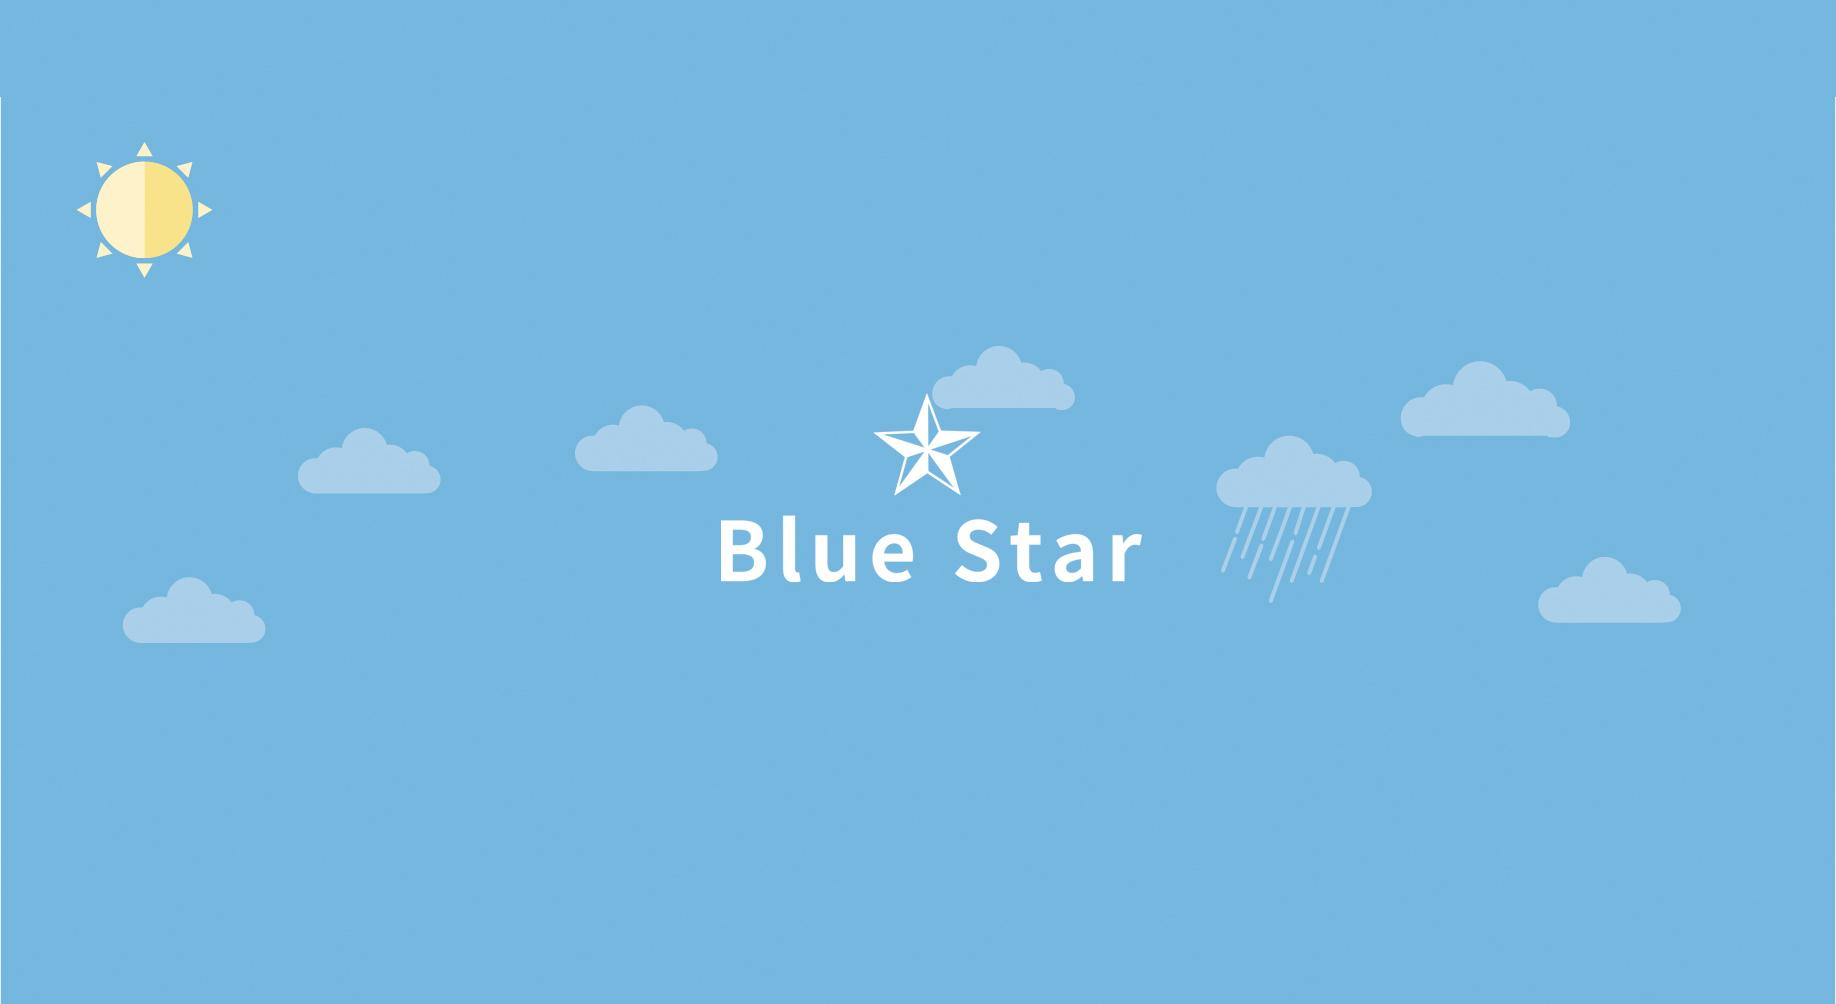 エコアクション・カンパニー【Blue Star 認定企業】